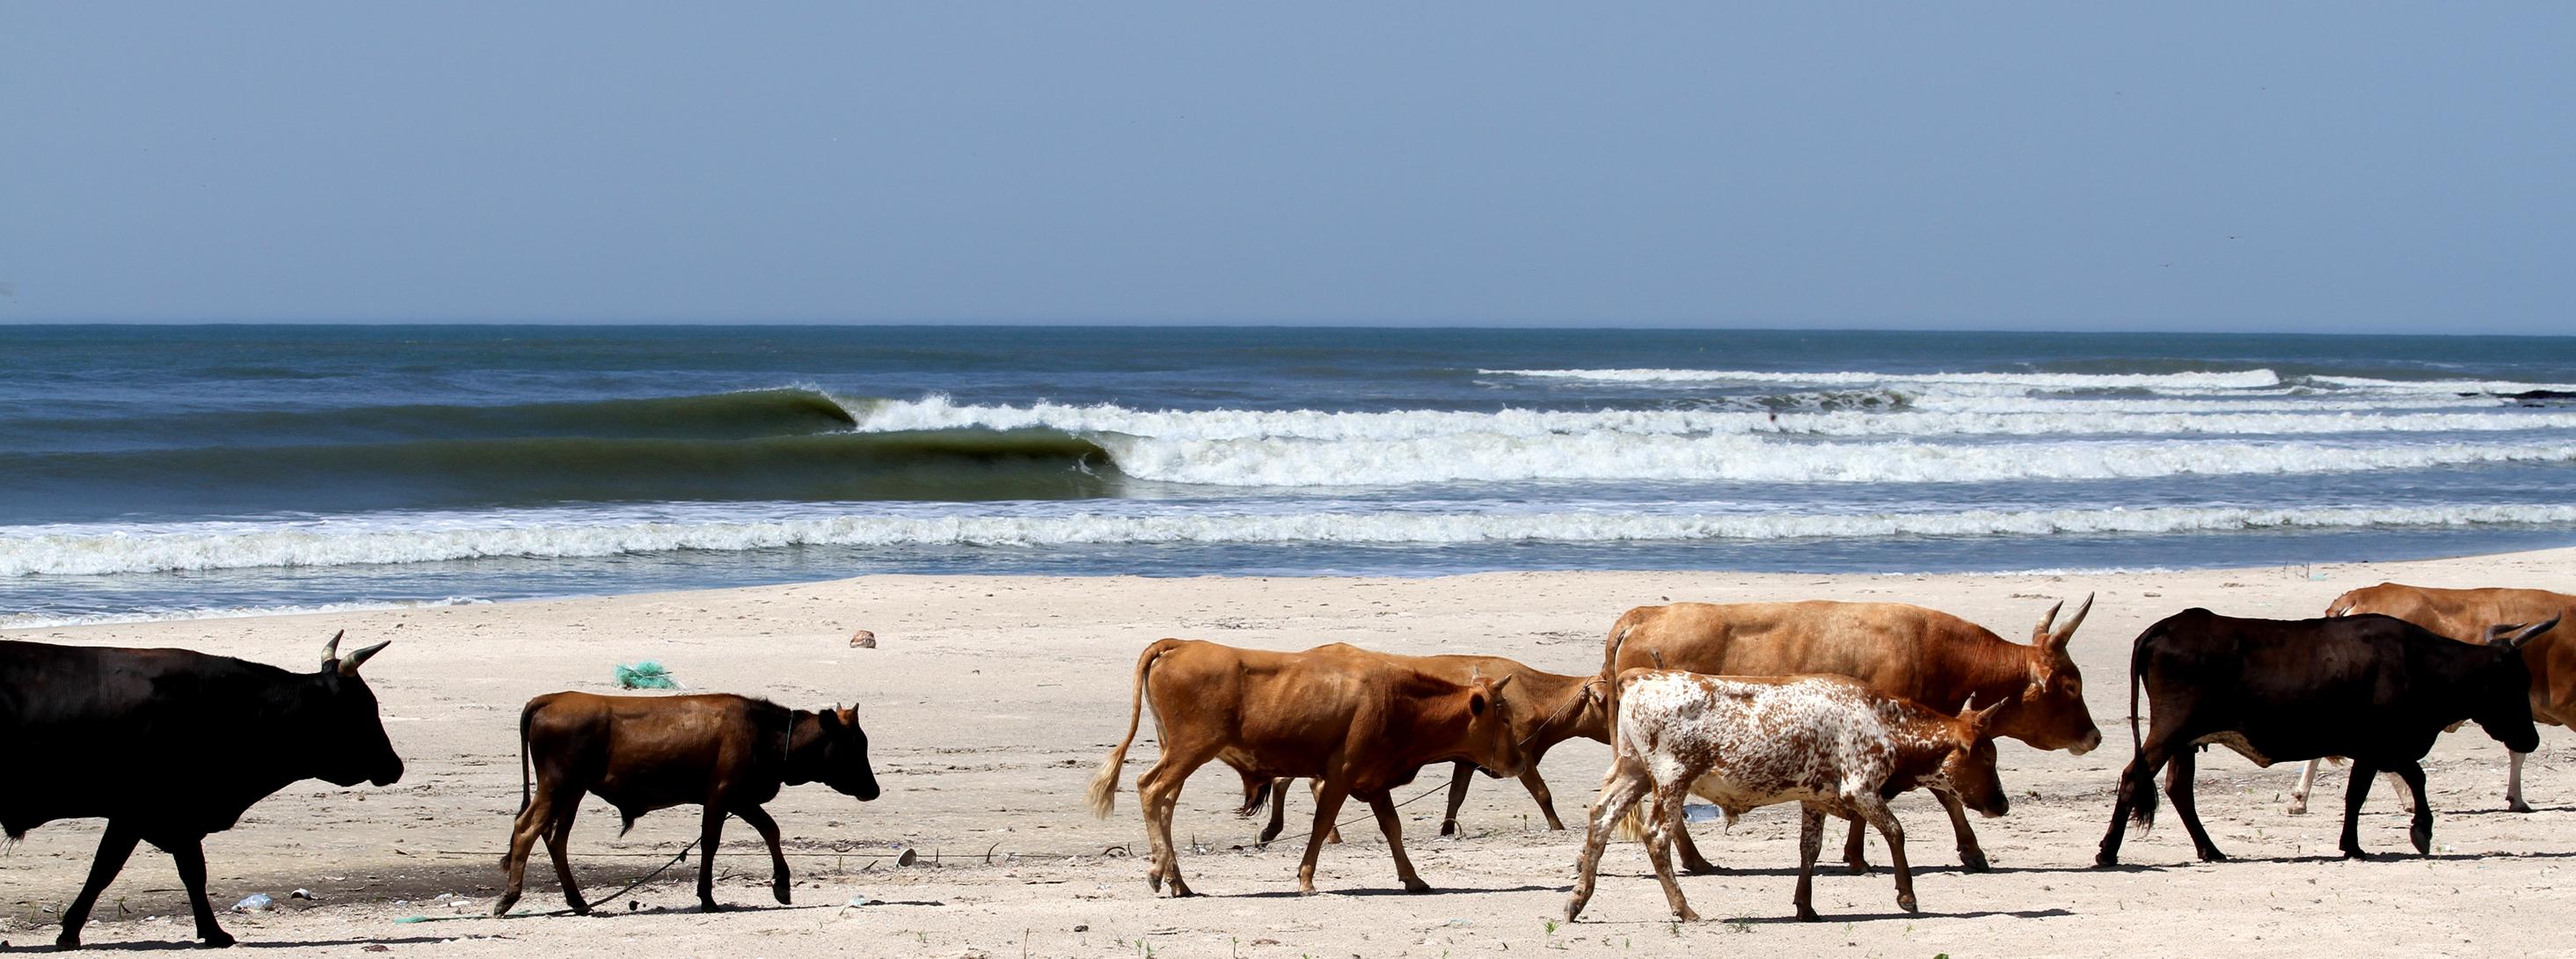 en el paquete surfari vamos a olas como estas.